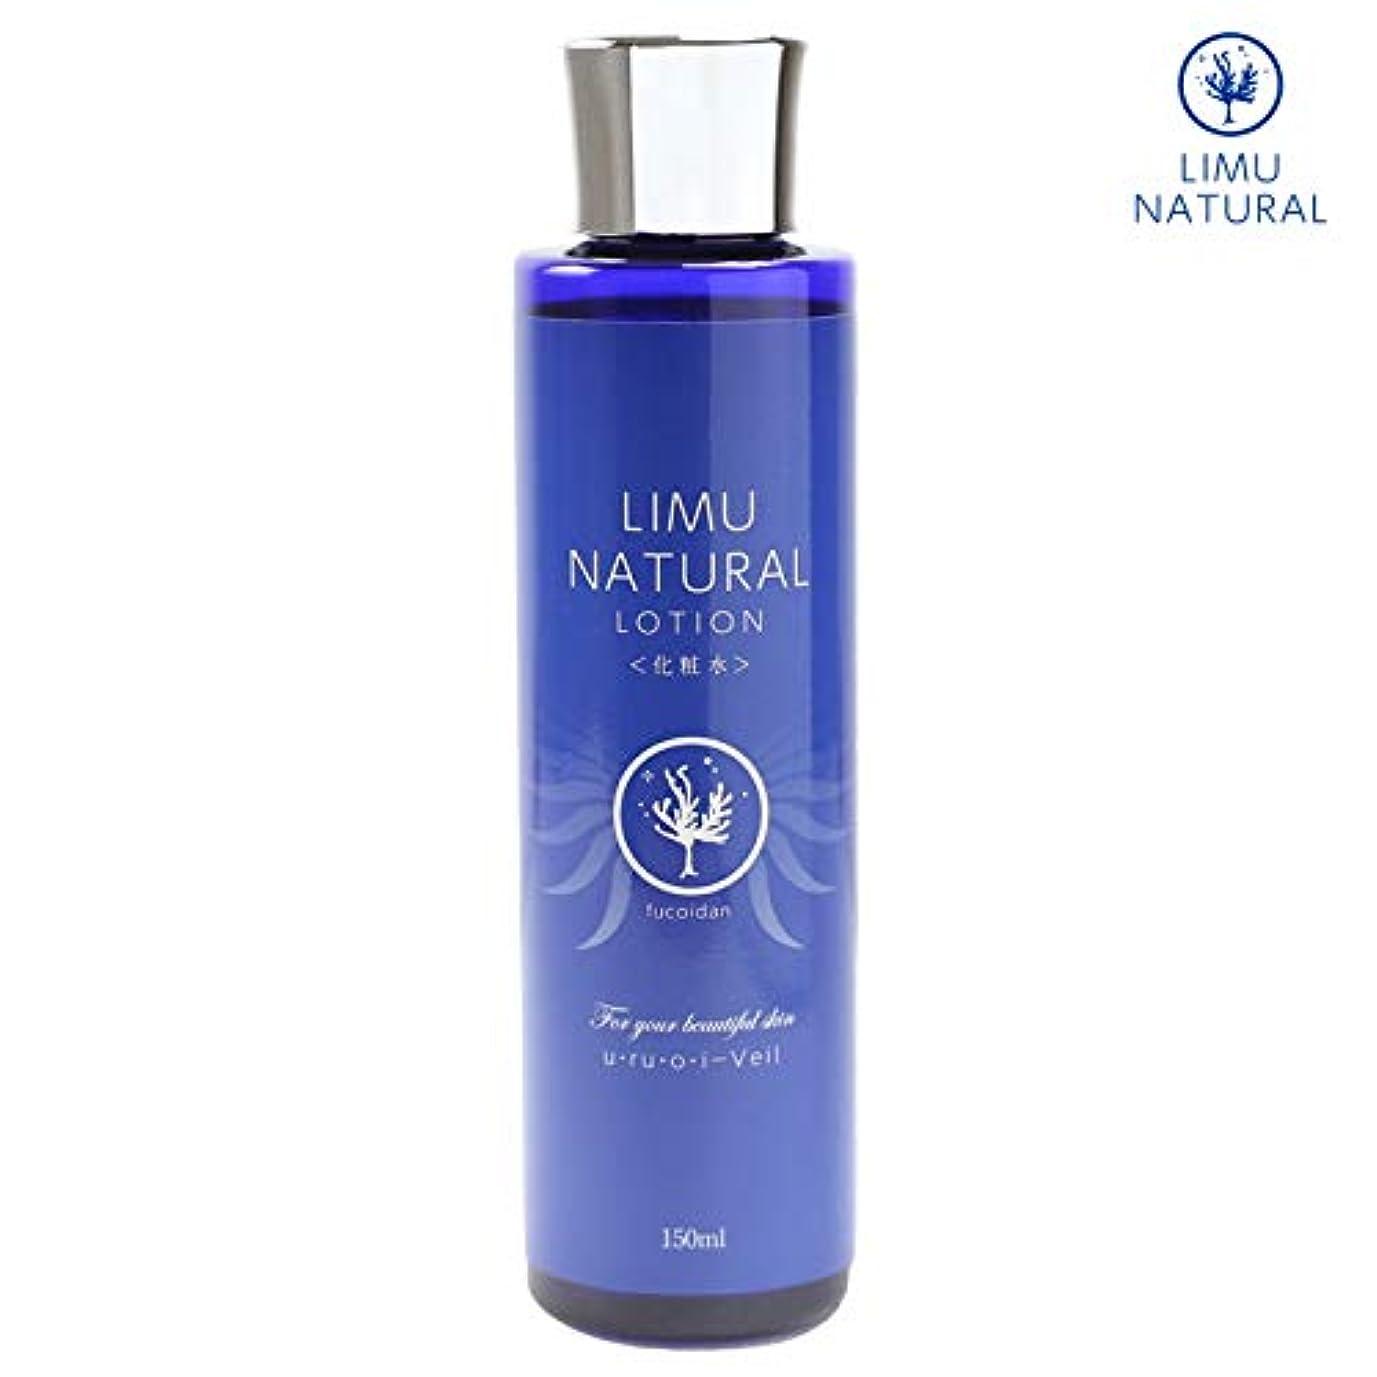 リムナチュラル 化粧水 LIMU NATURAL LOTION (150ml) 海の恵「フコイダン」と大地の恵「グリセリルグルコシド」を贅沢に配合